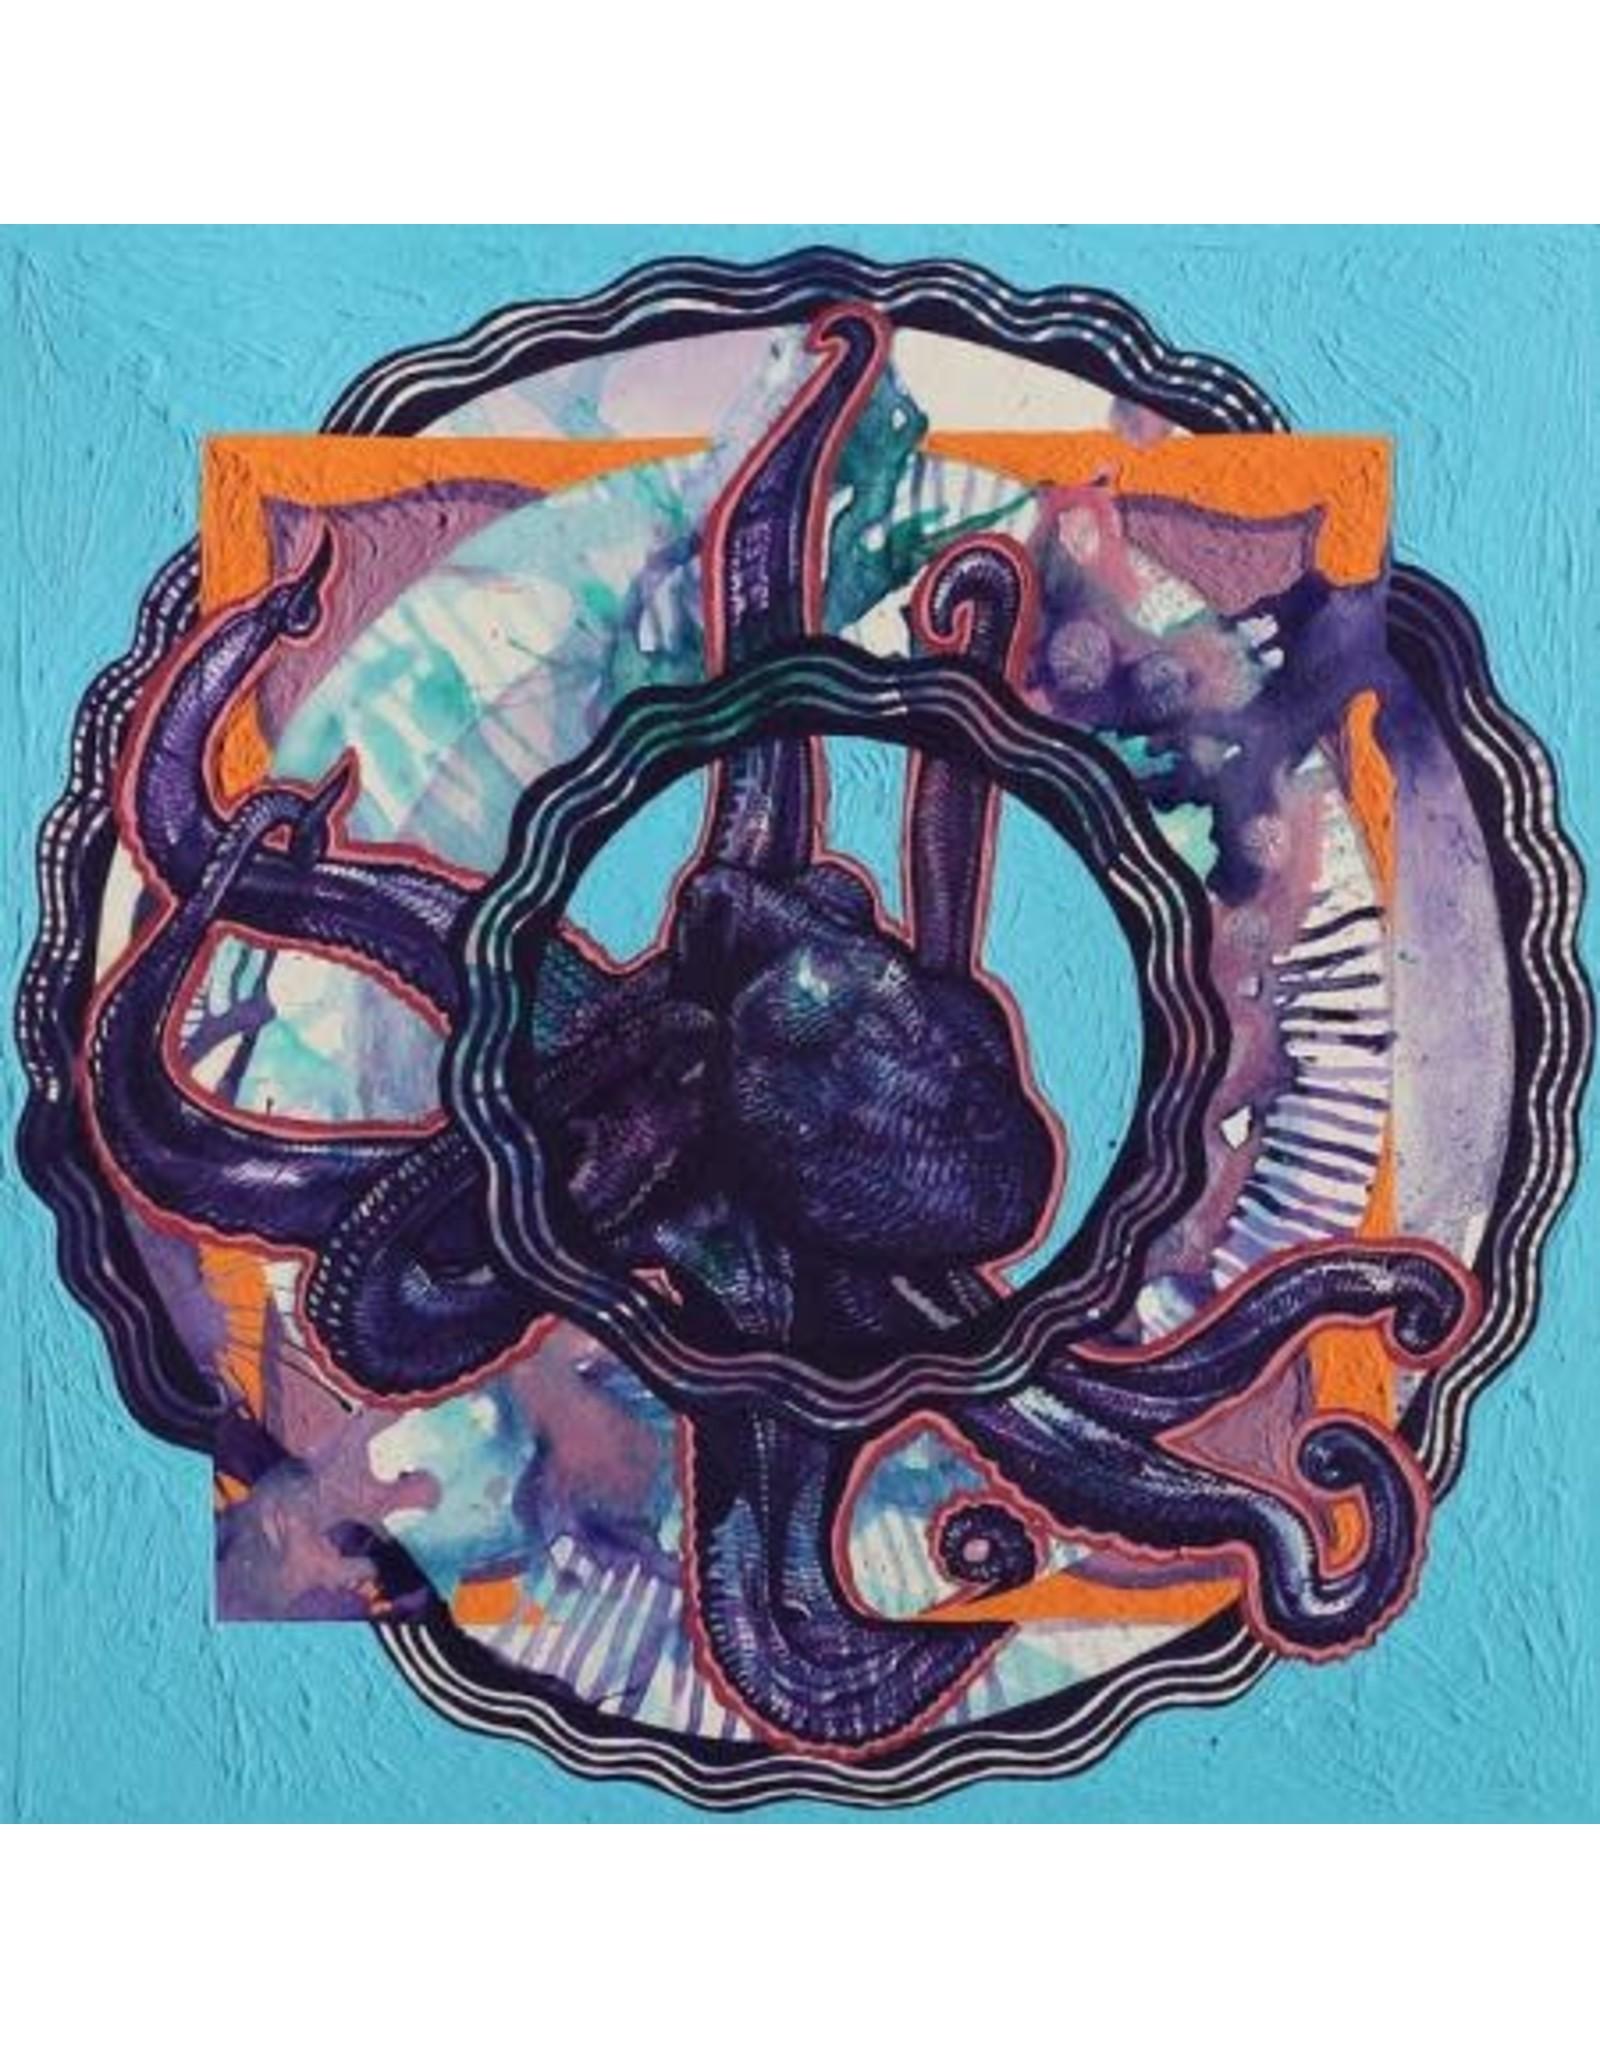 Feeding Tube Elkhorn: Sun Cycle LP